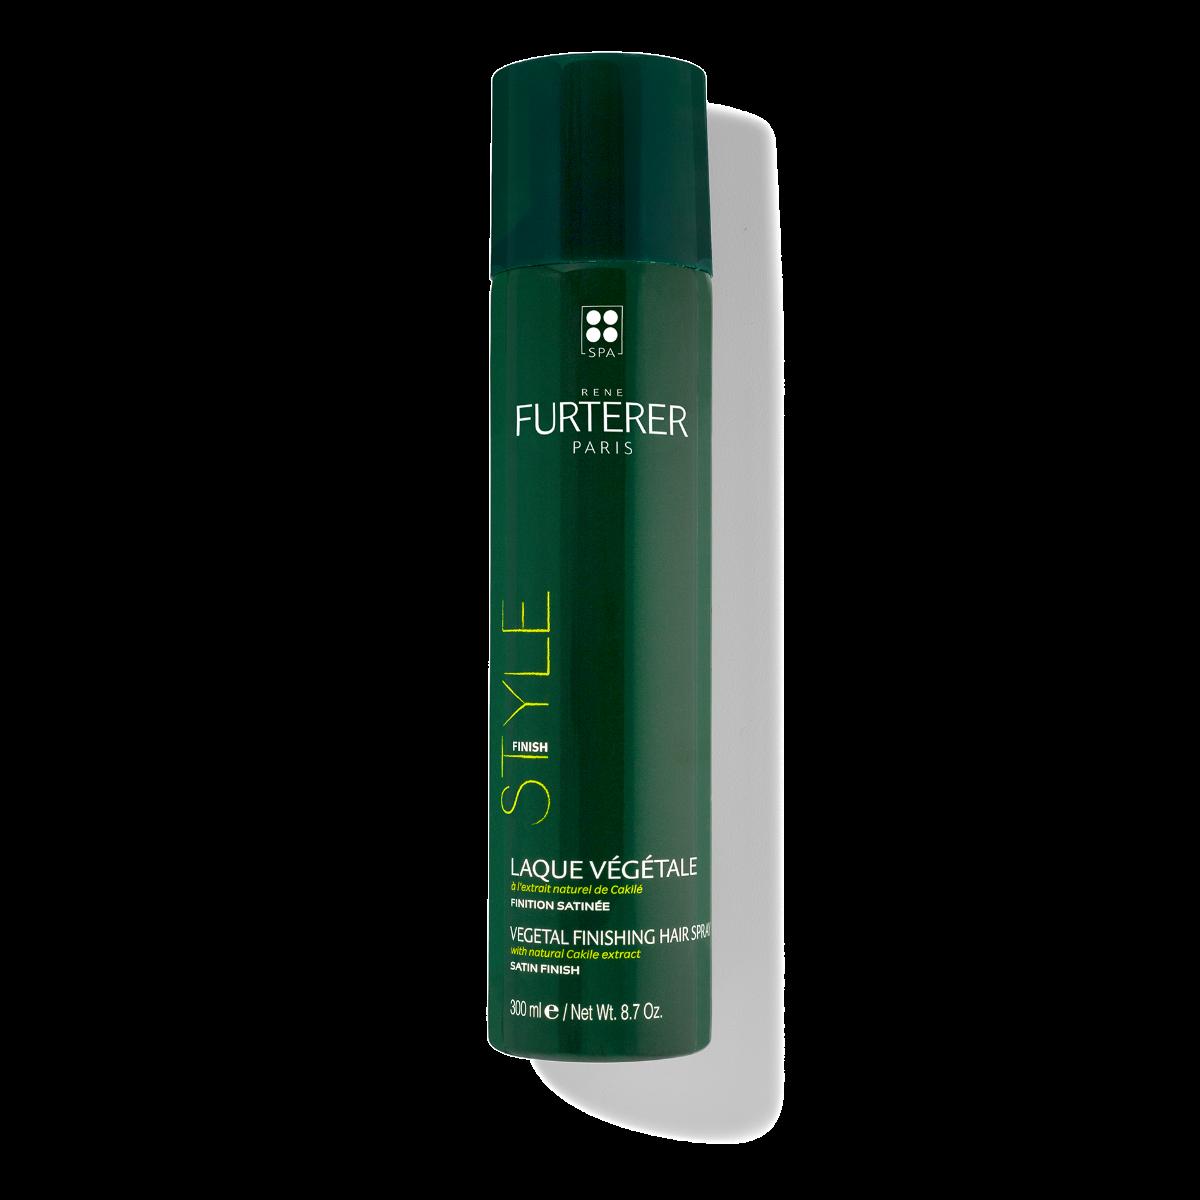 Rene Furterer STYLE Vegetal Finishing Spray